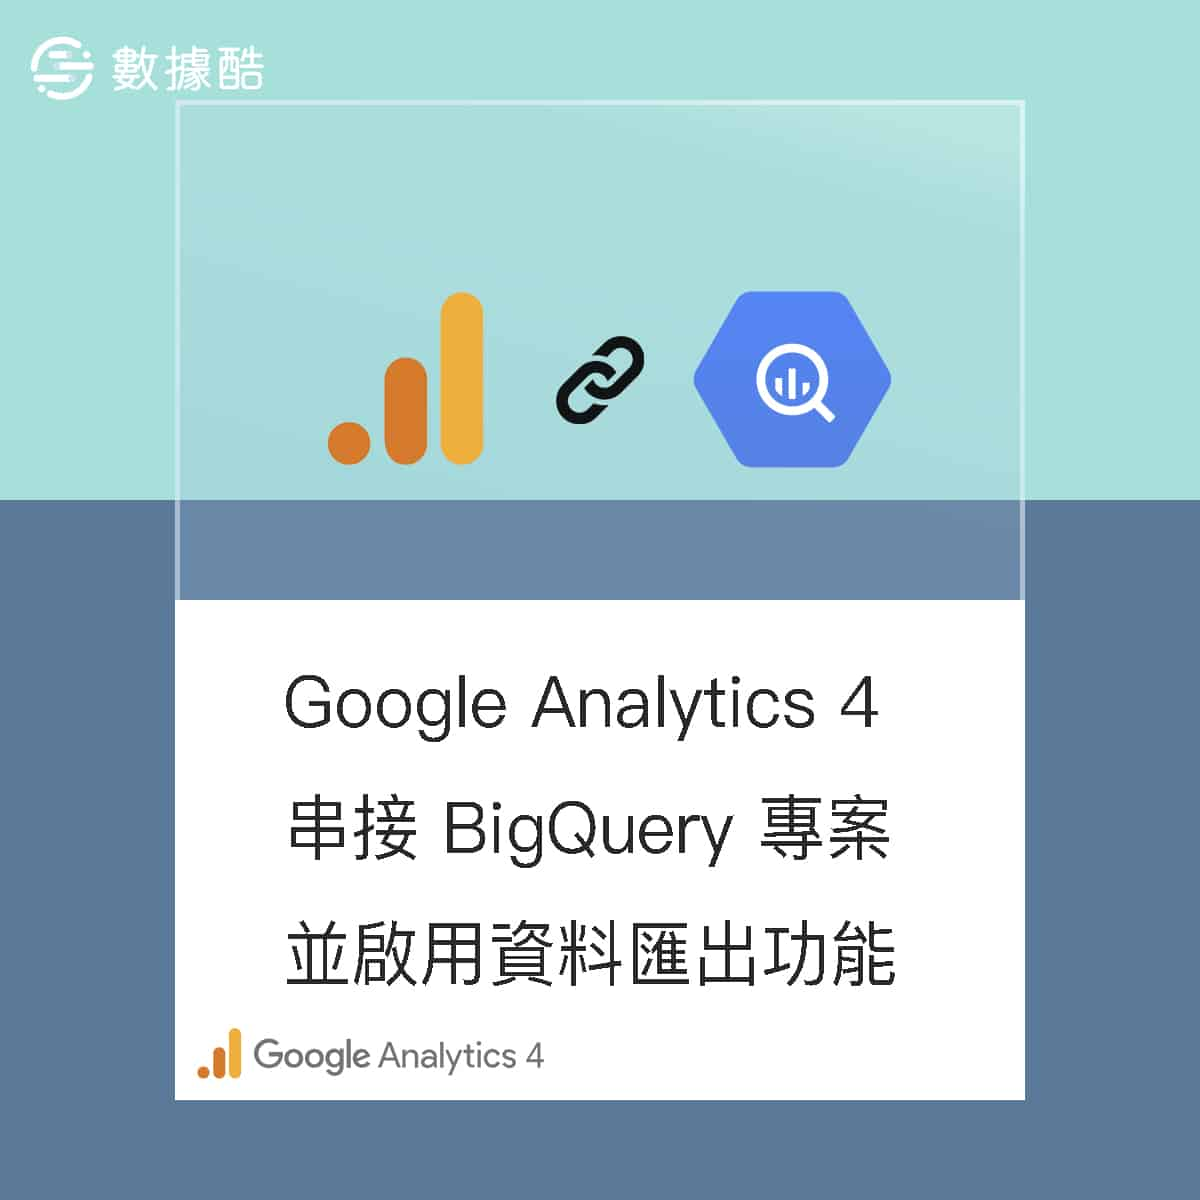 GA4 串接 BigQuery 專案並啟用資料匯出功能